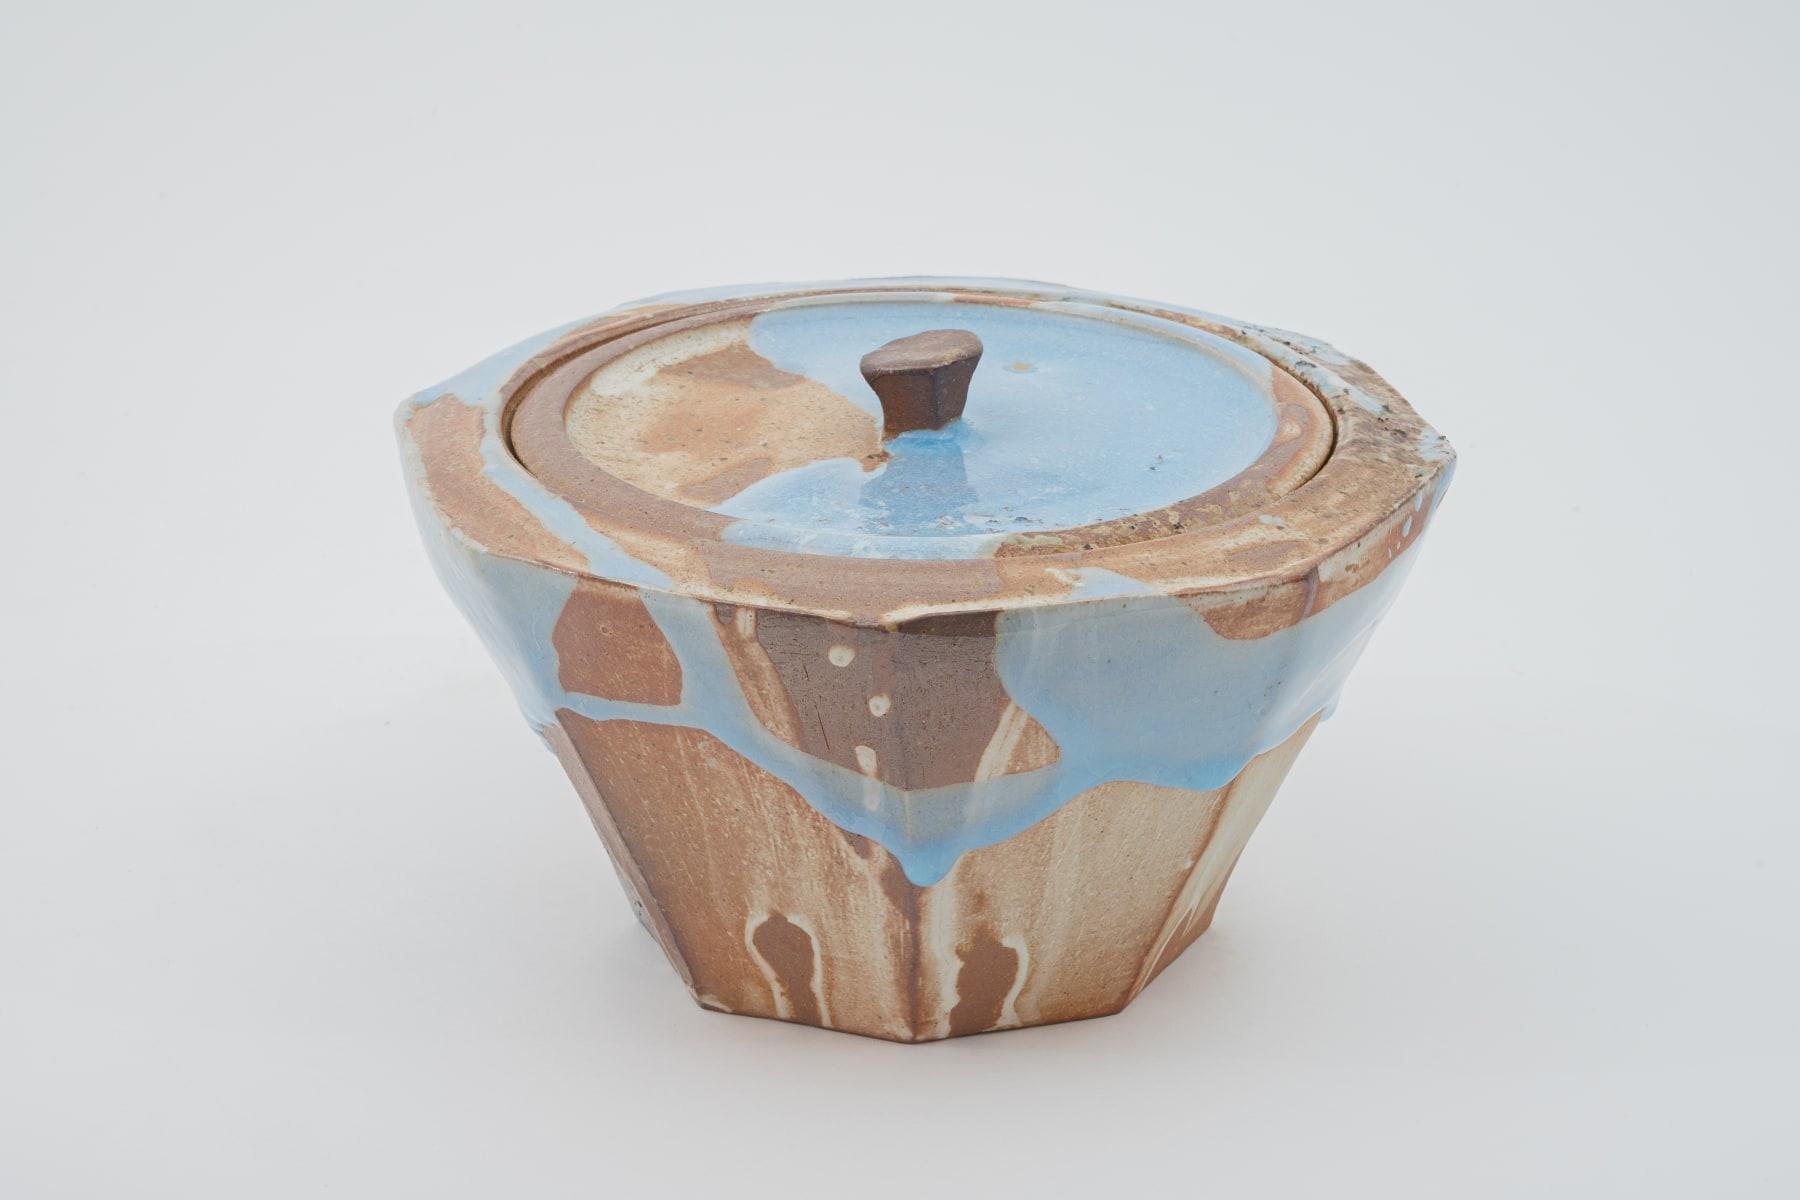 Hosai Matsubayashi XVI, Mizusashi (water keeper) Geppaku glaze / 水指 月白釉流し/, 2020